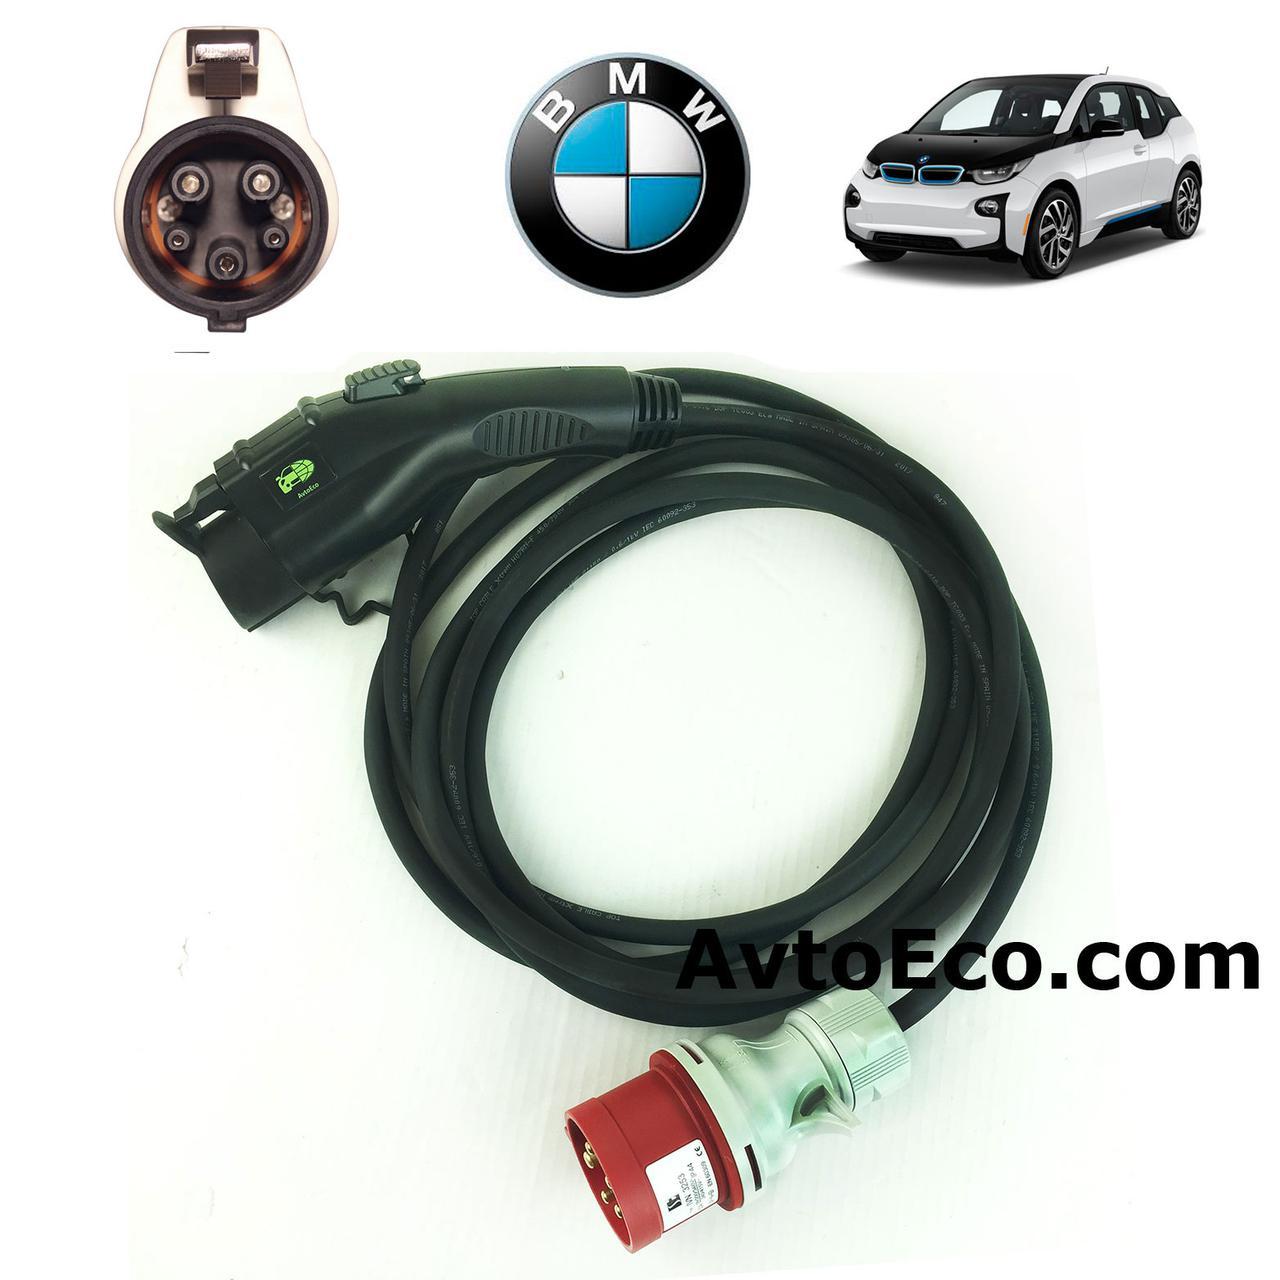 Зарядное устройство для электромобиля BMW i3 AutoEco J1772-32A